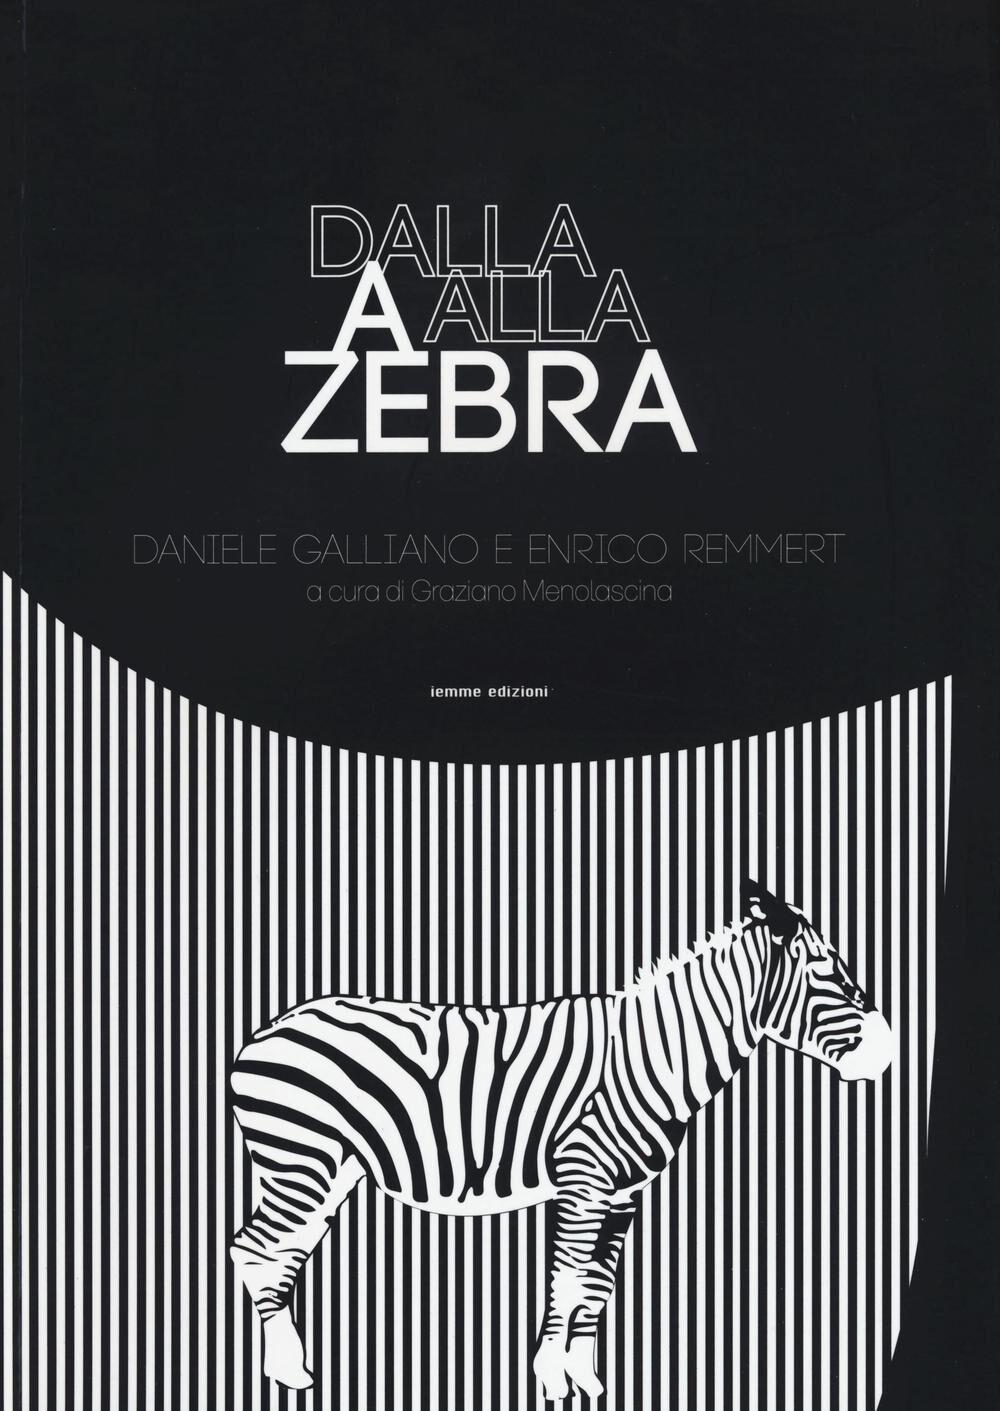 Dalla A alla Zebra